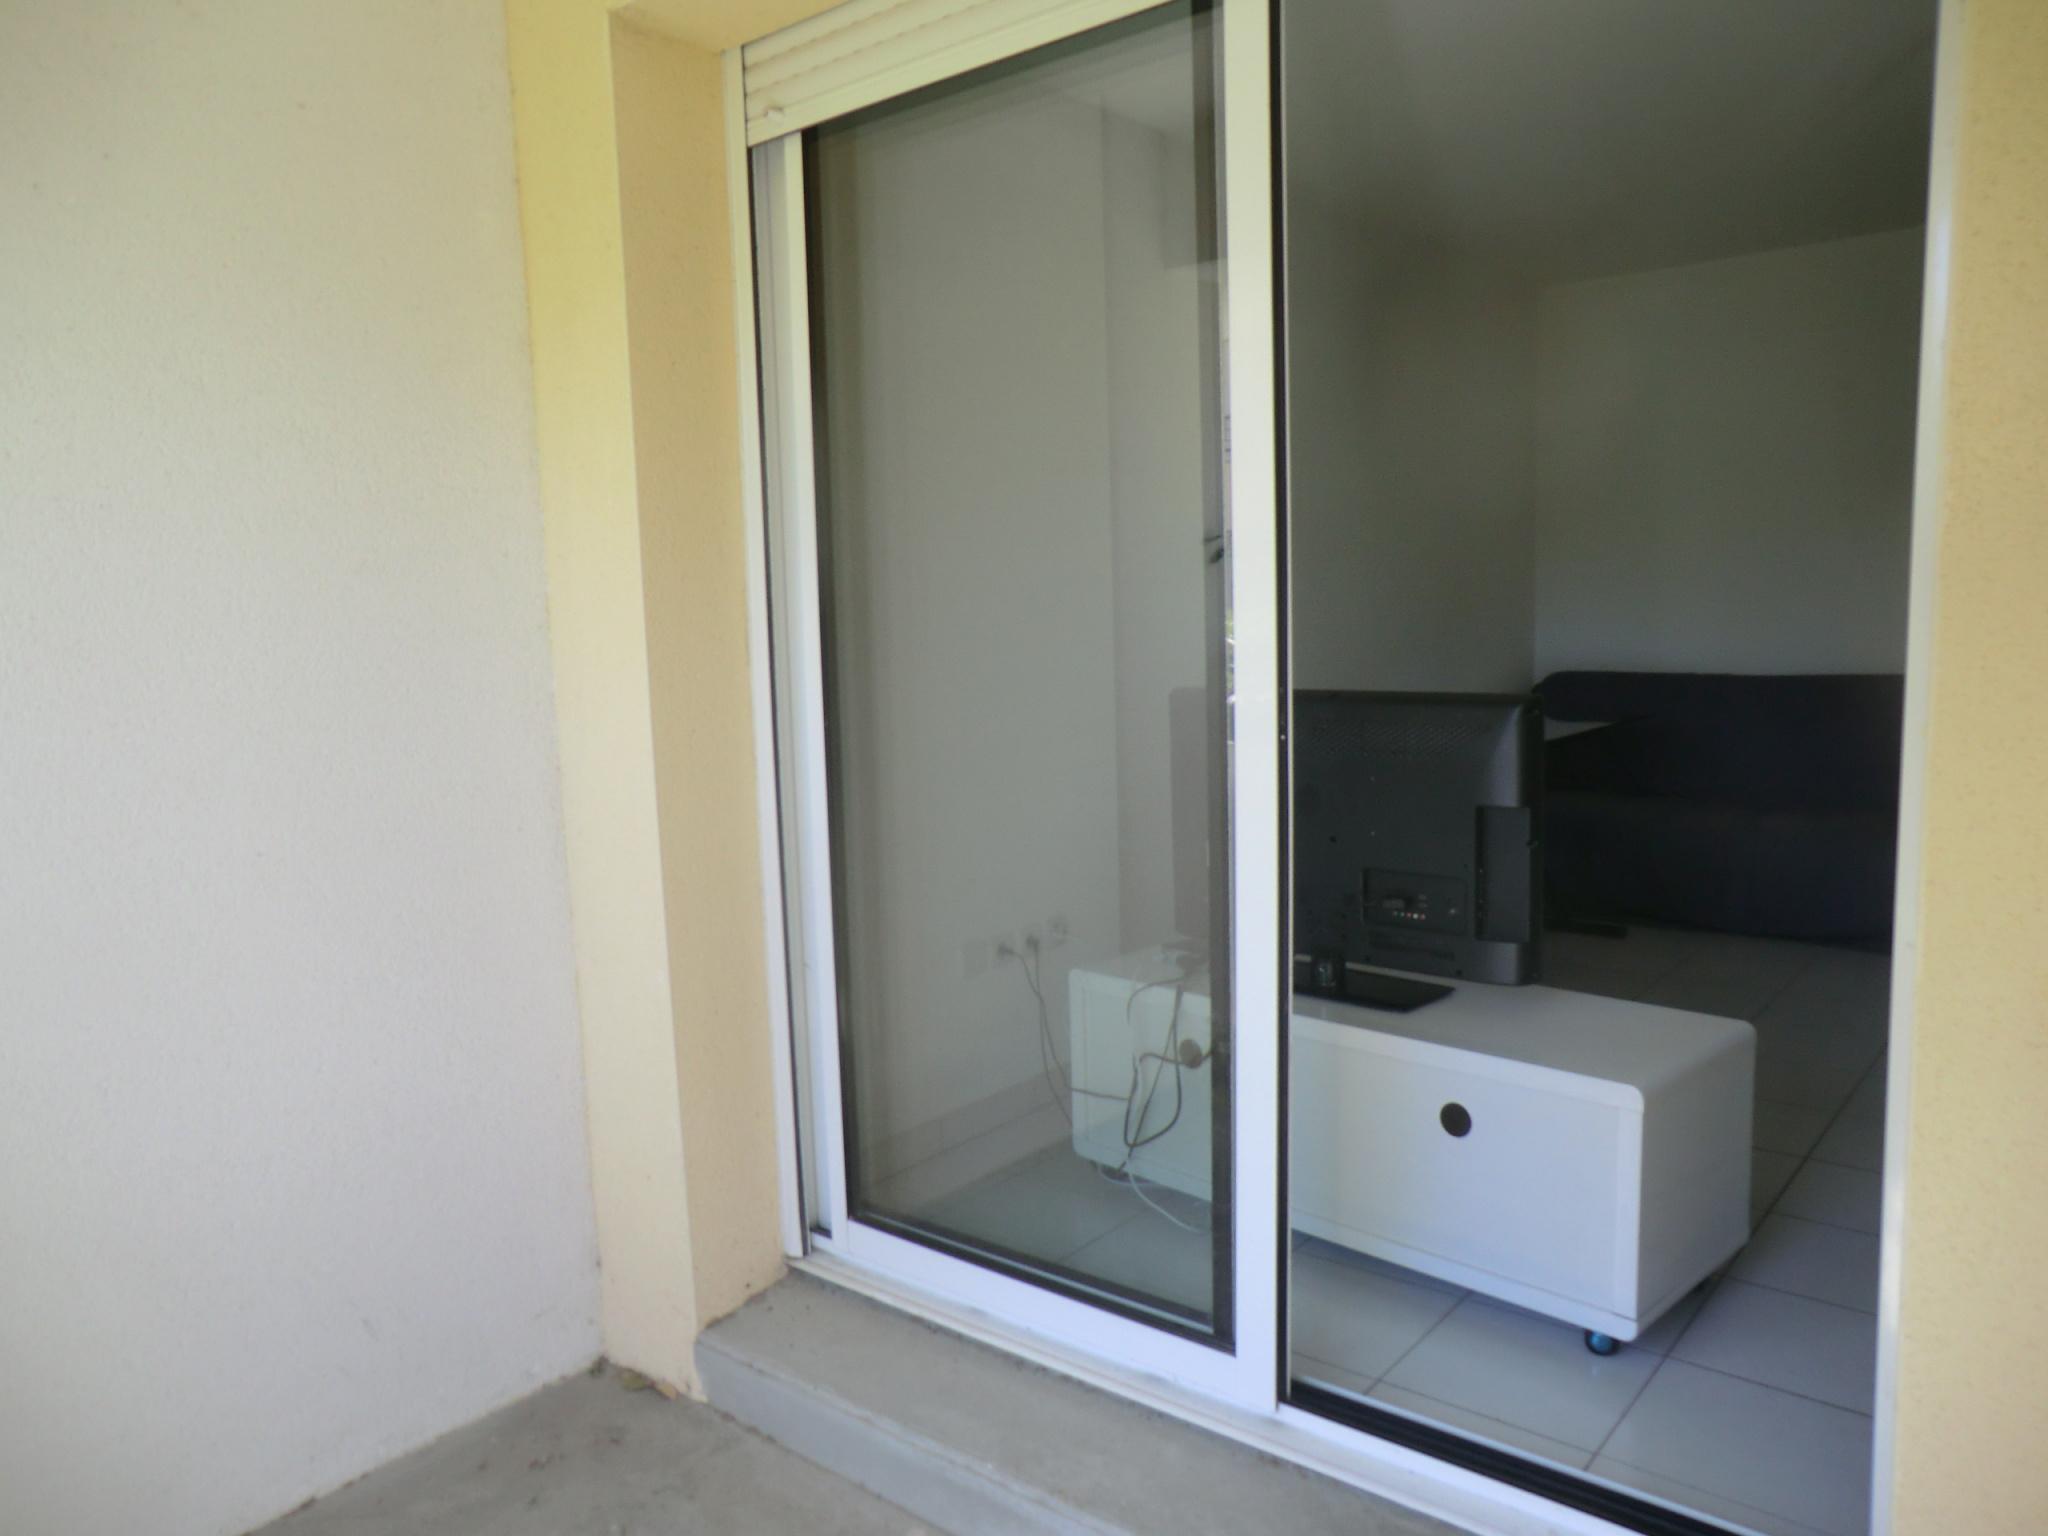 À vendre appartement de 44m2 à argeles sur mer (66700) - Photo 4'